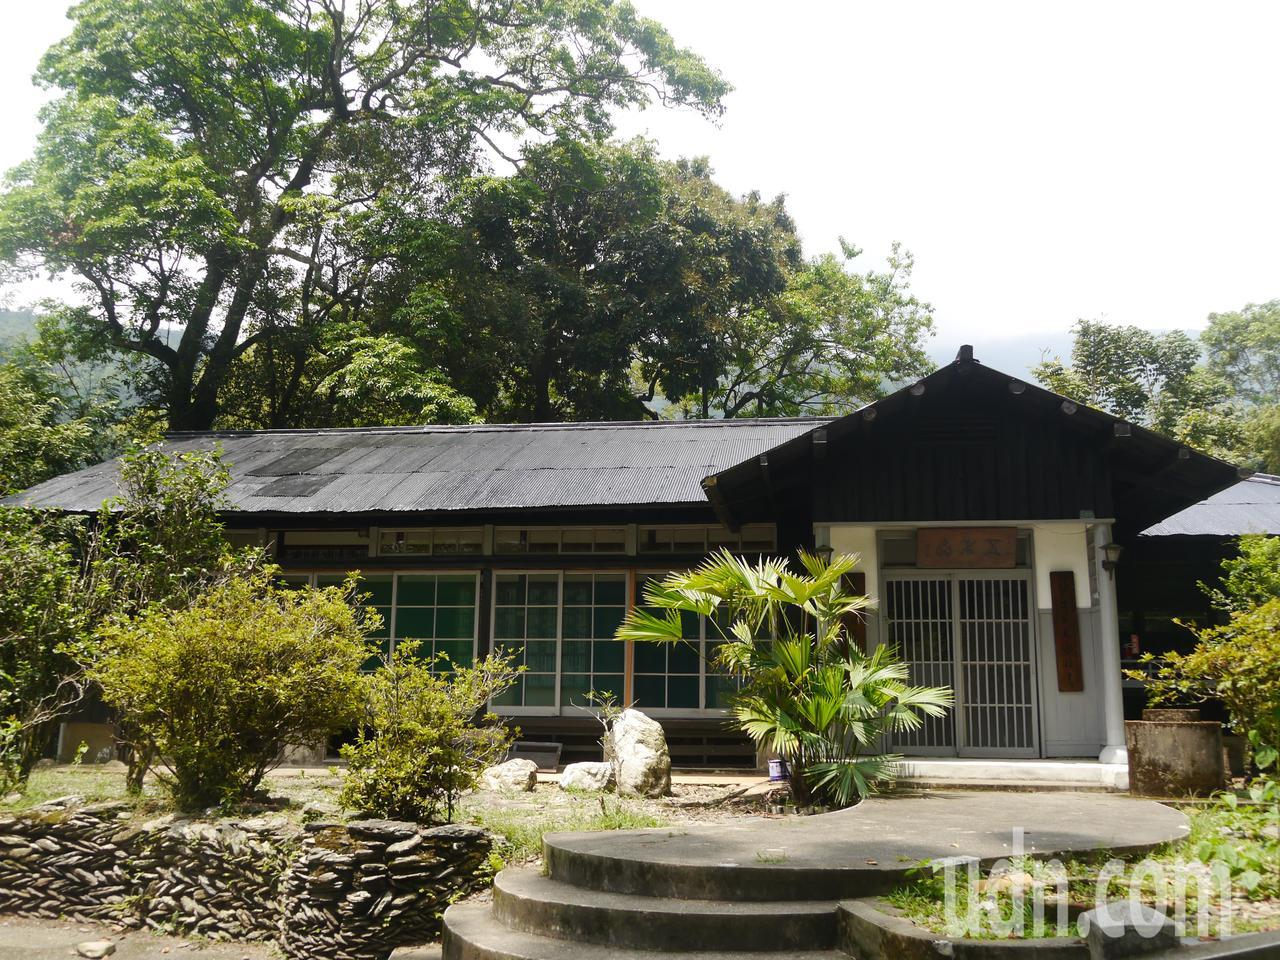 五木齋是扇平園區內著名的日式建物,建築材料是檜木與烏心石。記者徐白櫻/攝影